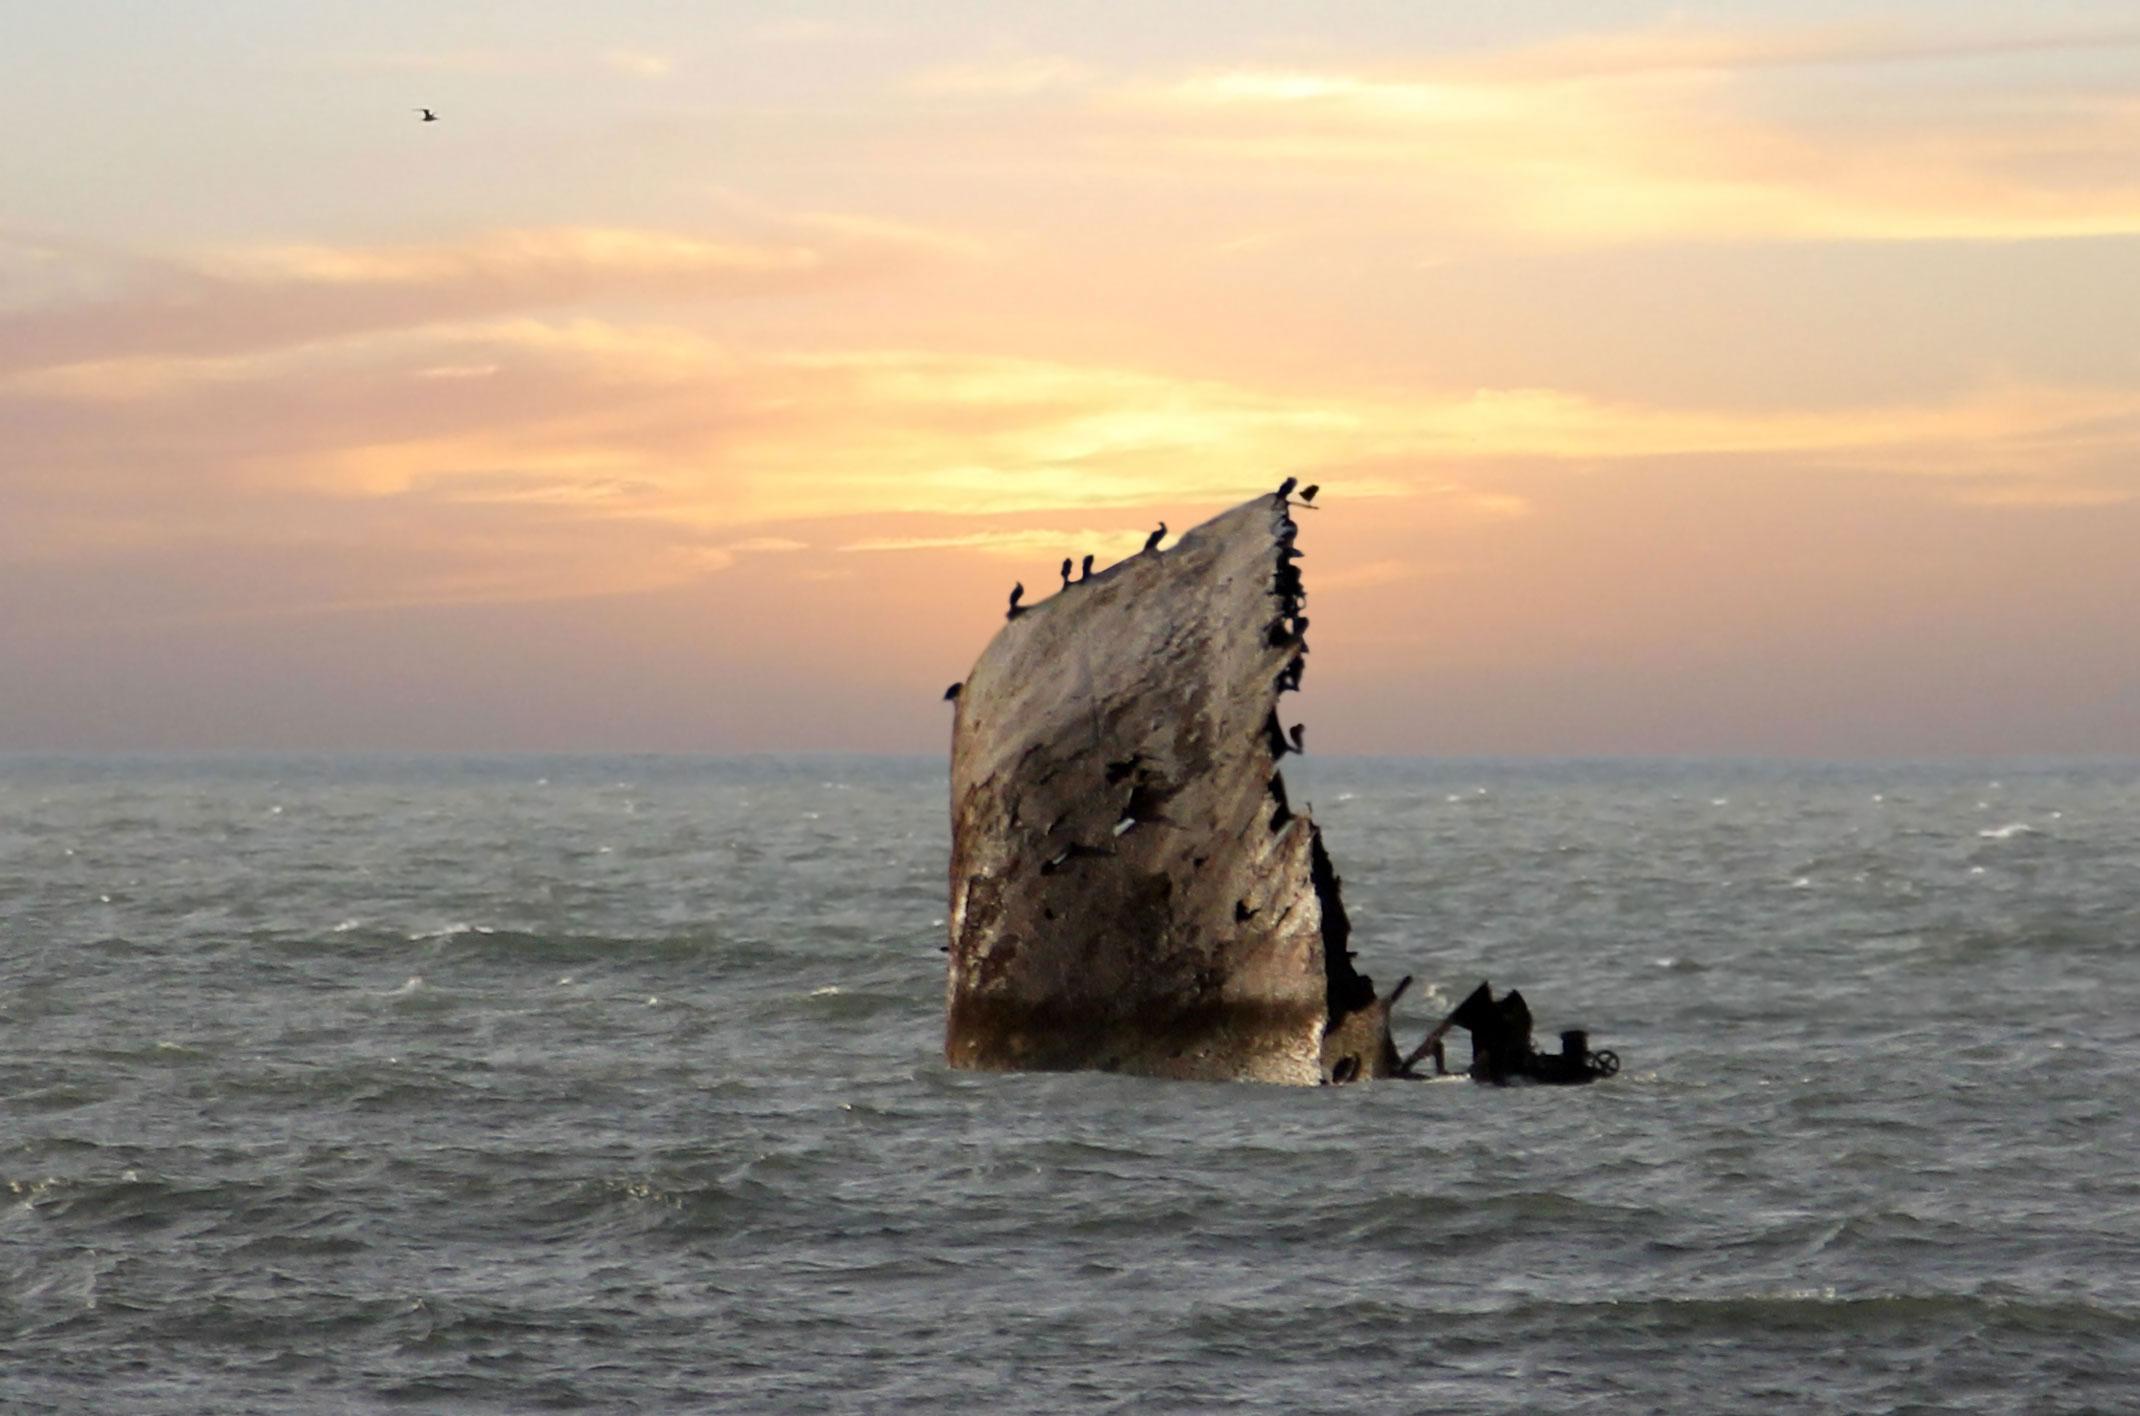 Maroko.Wrak statku